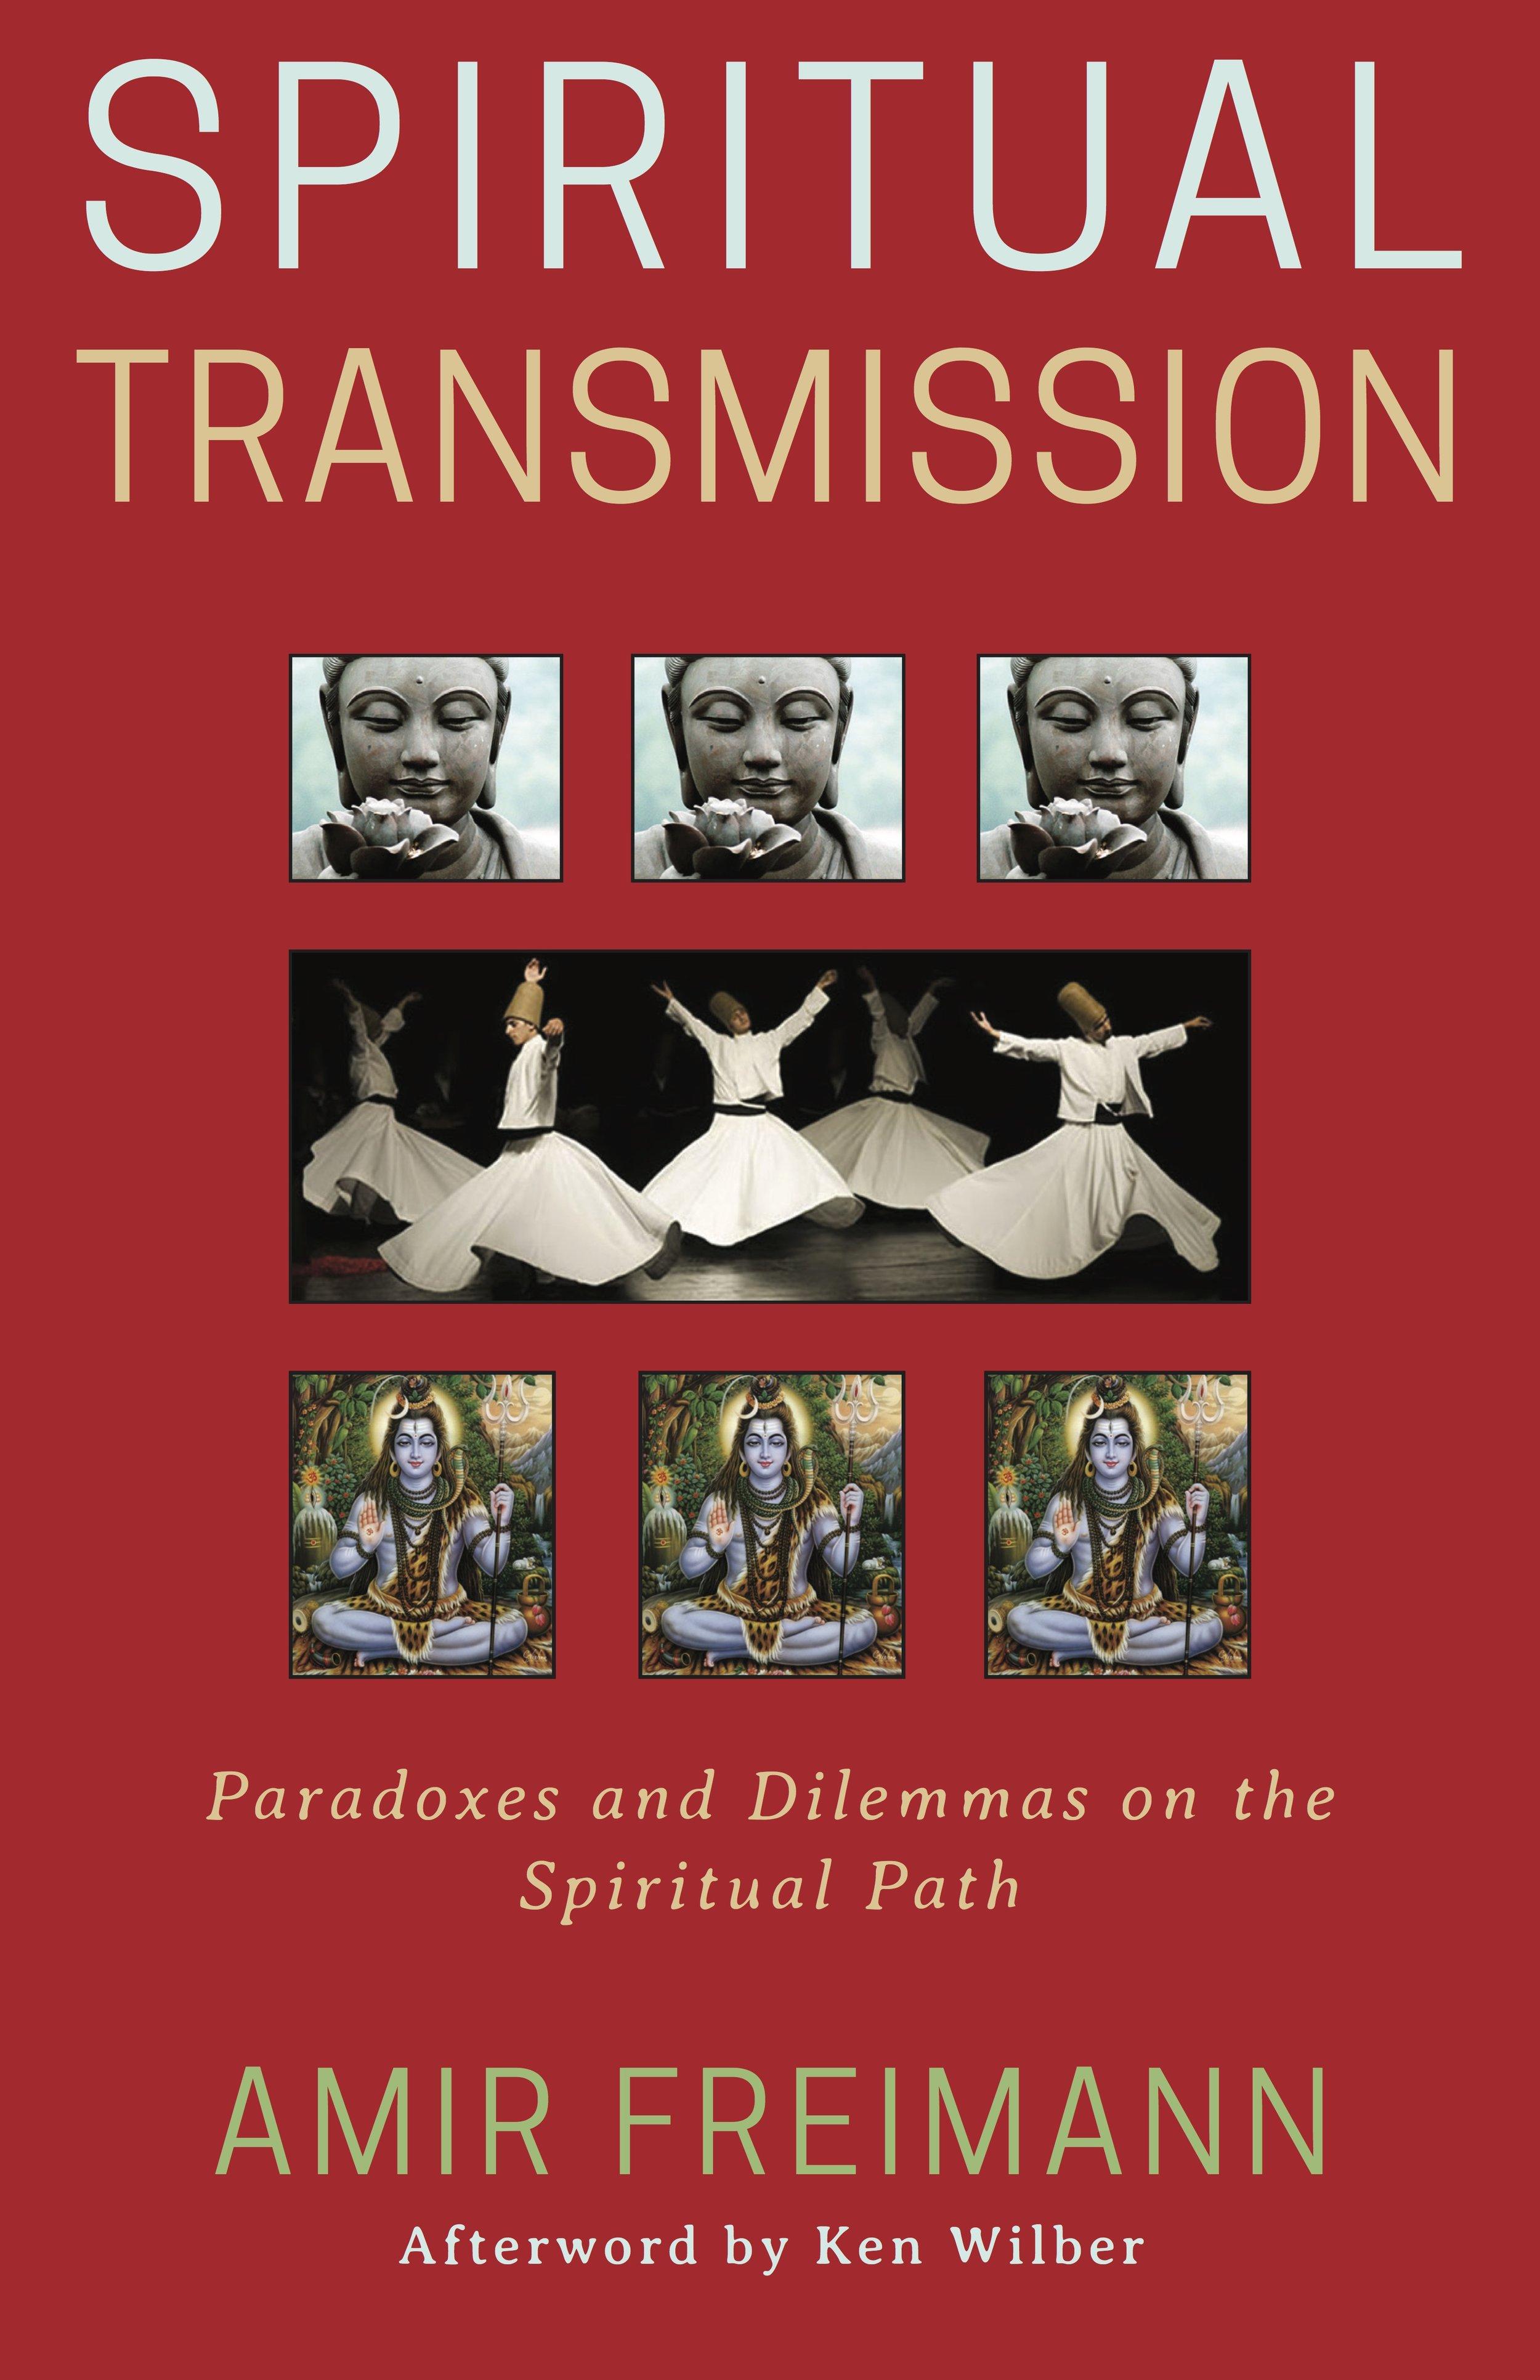 Spiritual Transmission.jpg